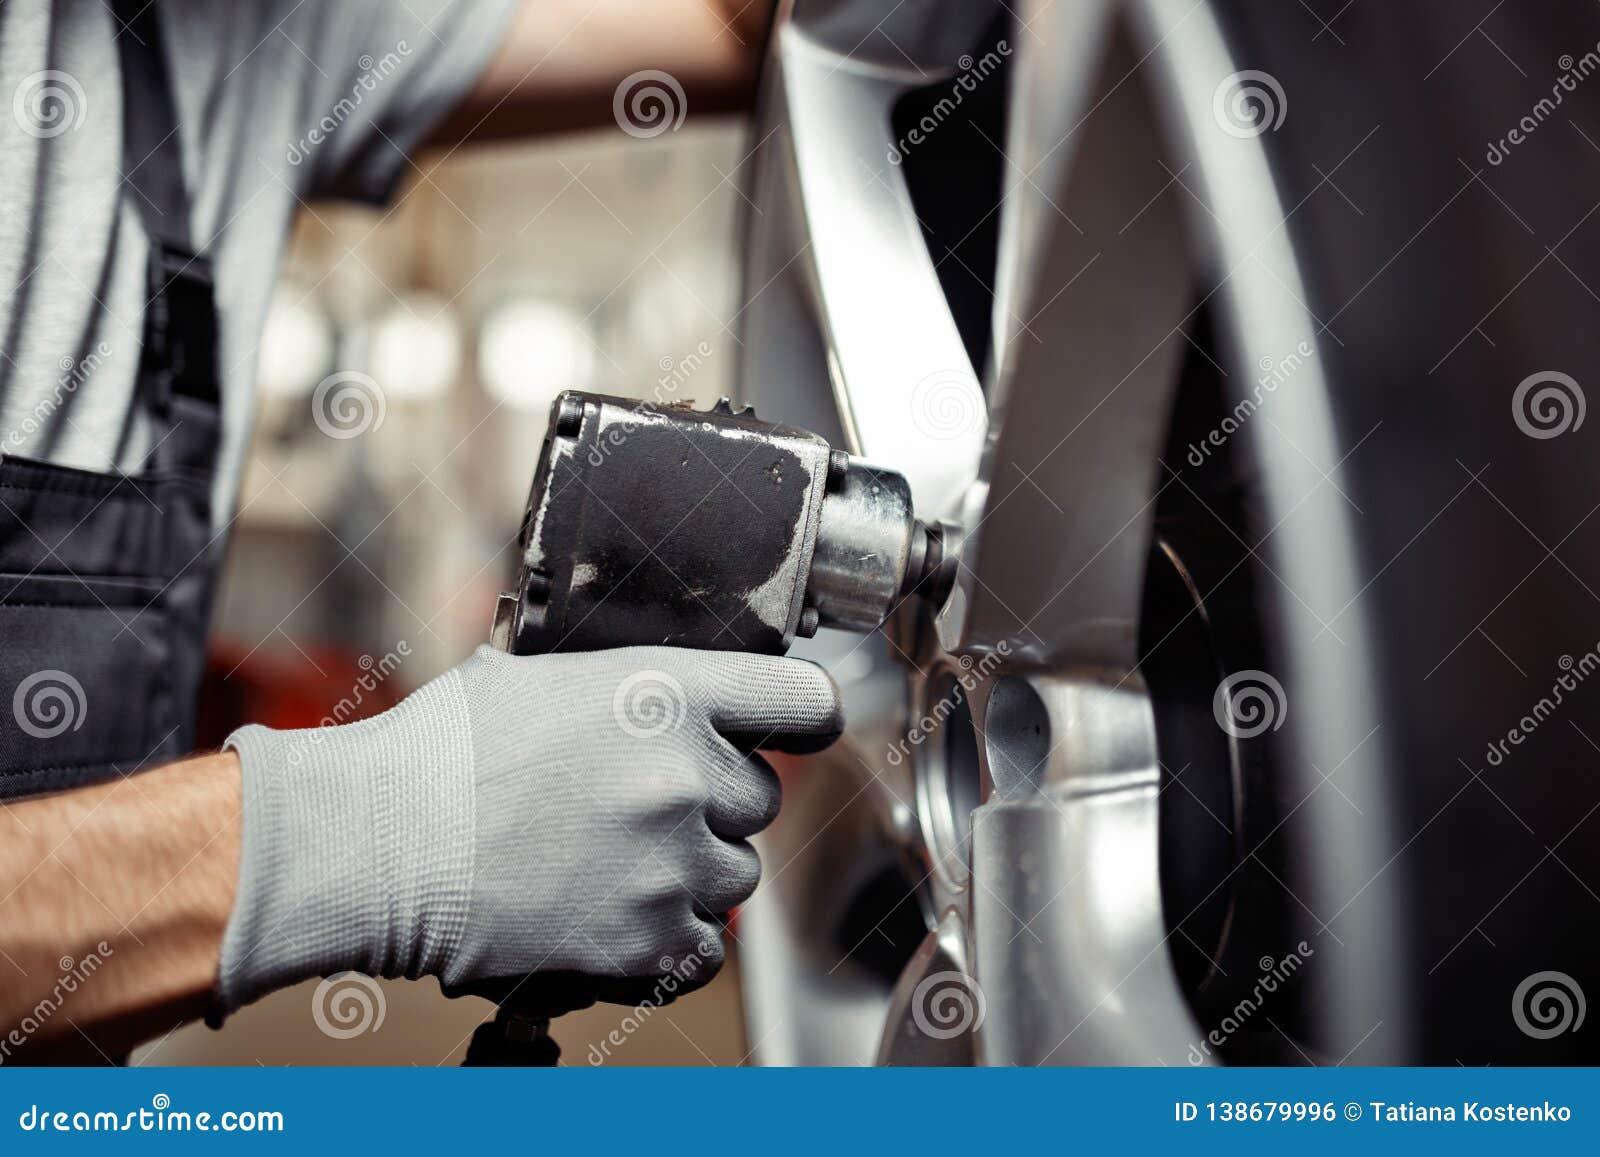 Ändra ett gummihjul på en bilservice: medelreparationsseminarium